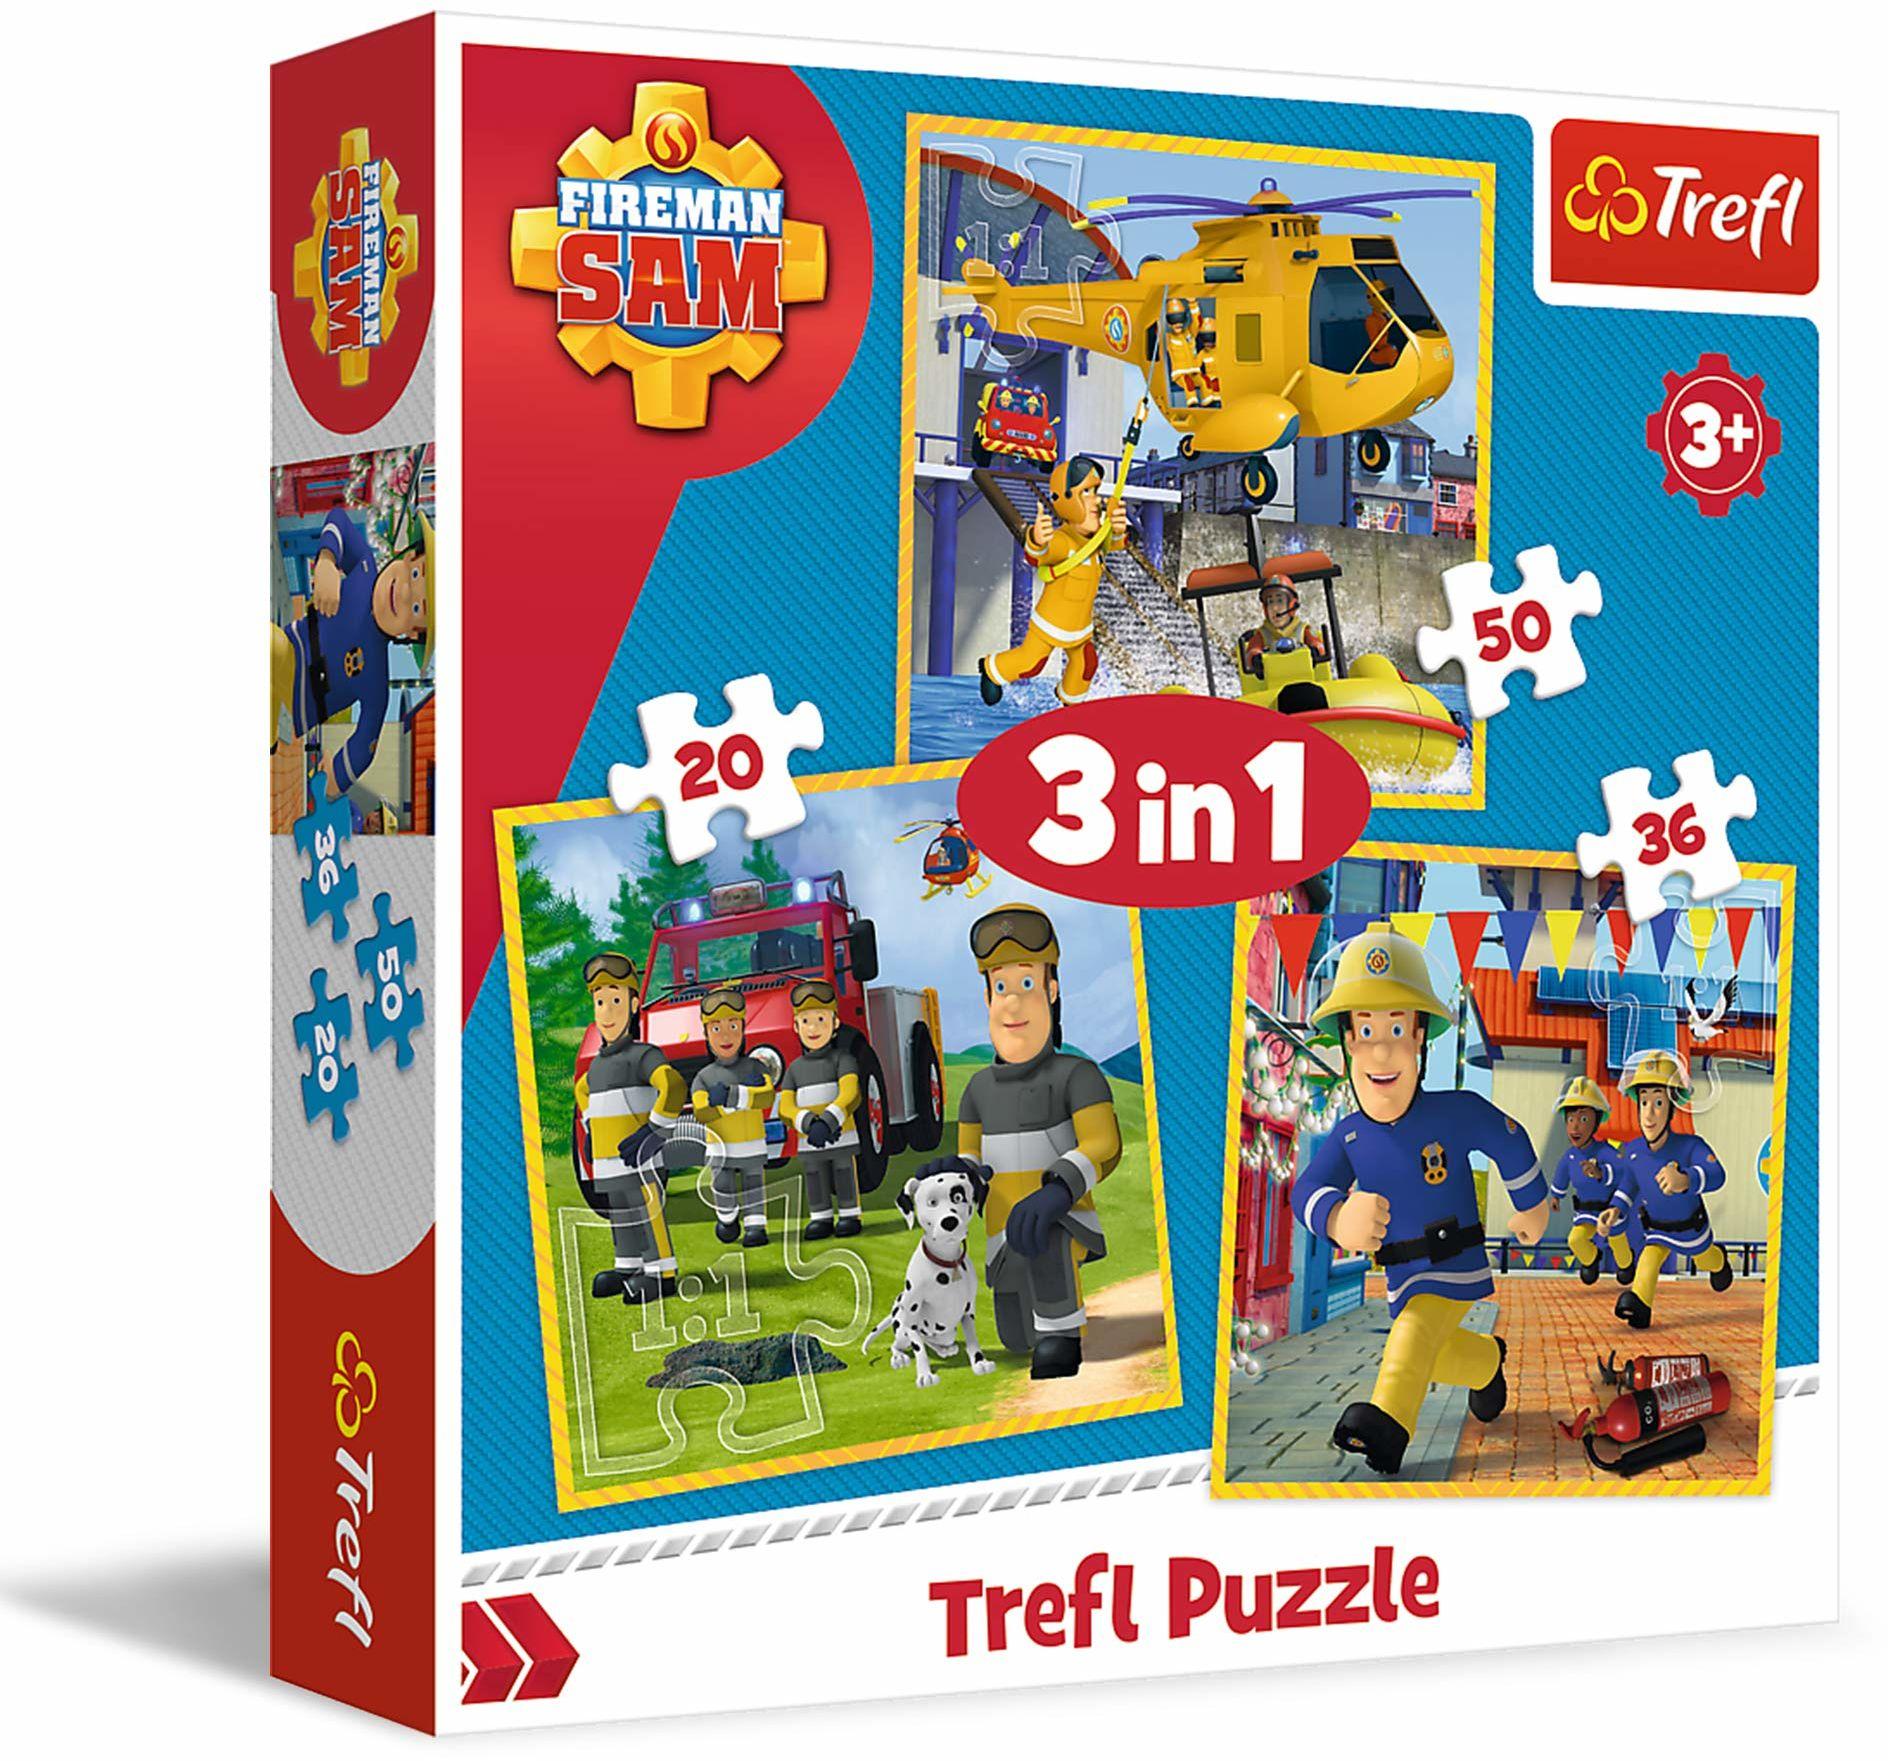 Trefl Strażak Sam w Akcji Puzzle 3 w 1 o Wysokiej Jakości Nadruku dla Dzieci od 3 lat